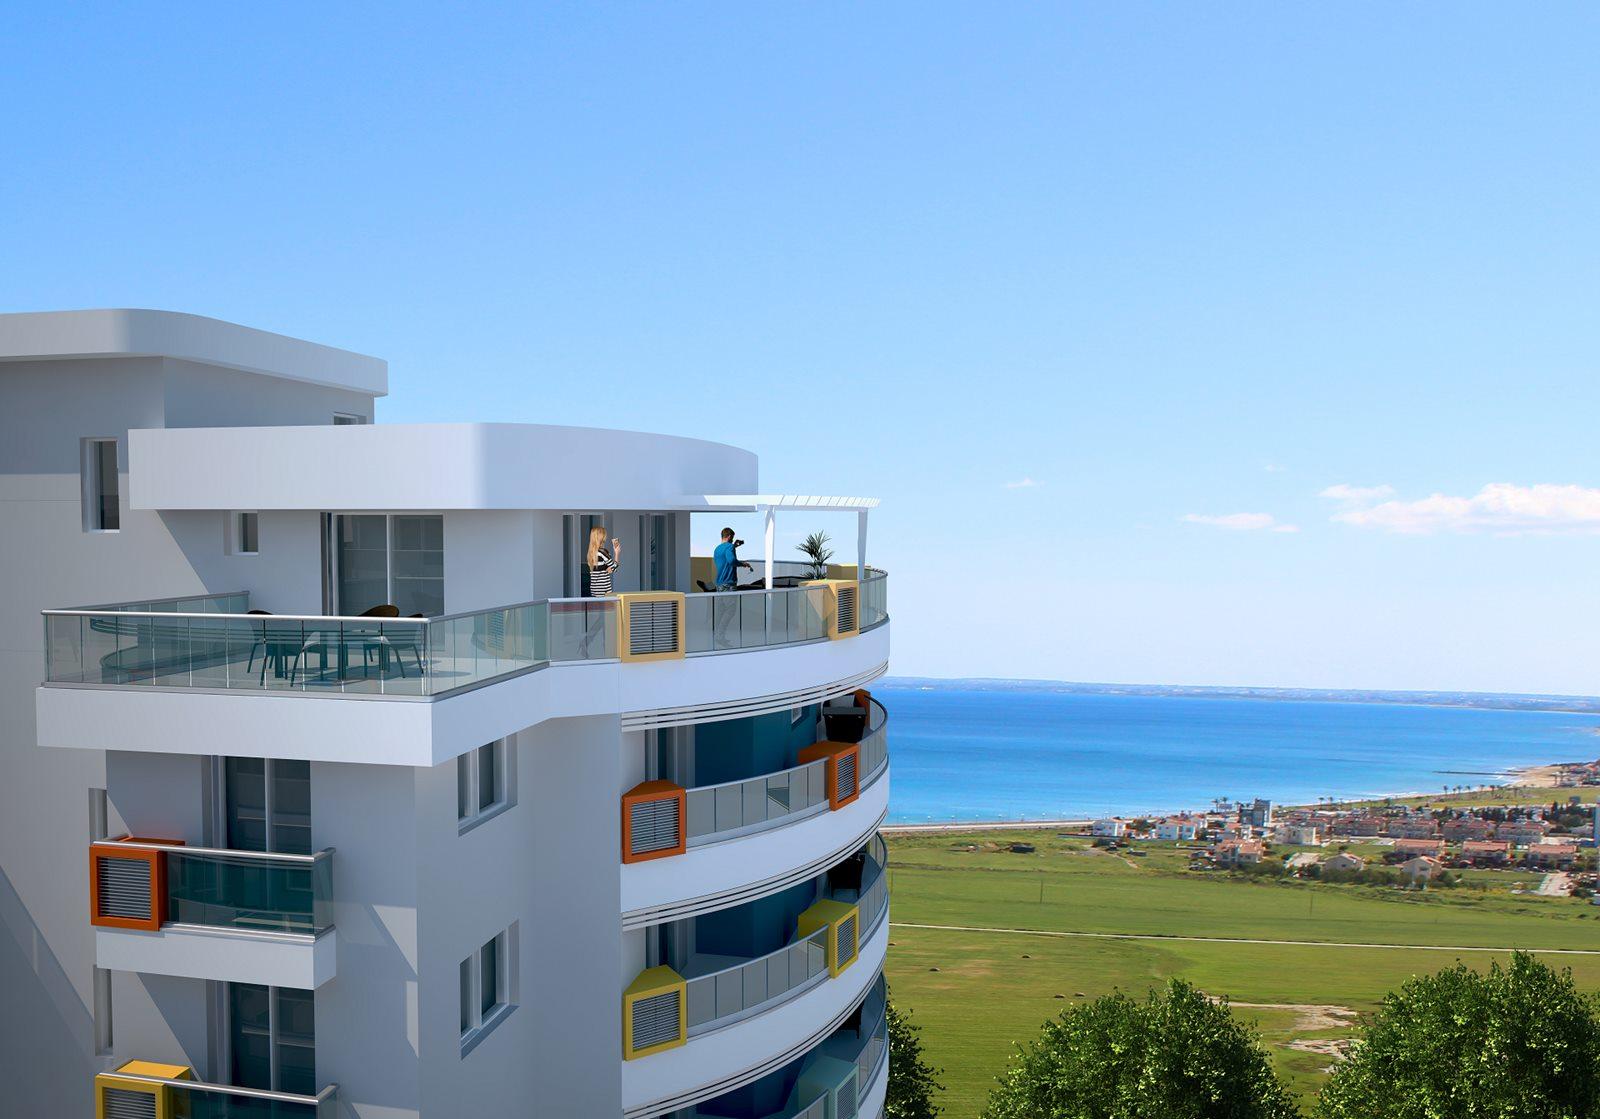 Park Residence, Iskele, Middelhavet, feriebolig, strand, sol, Long Beach, pool, basseng, restaurant, vannsklie, utsikt